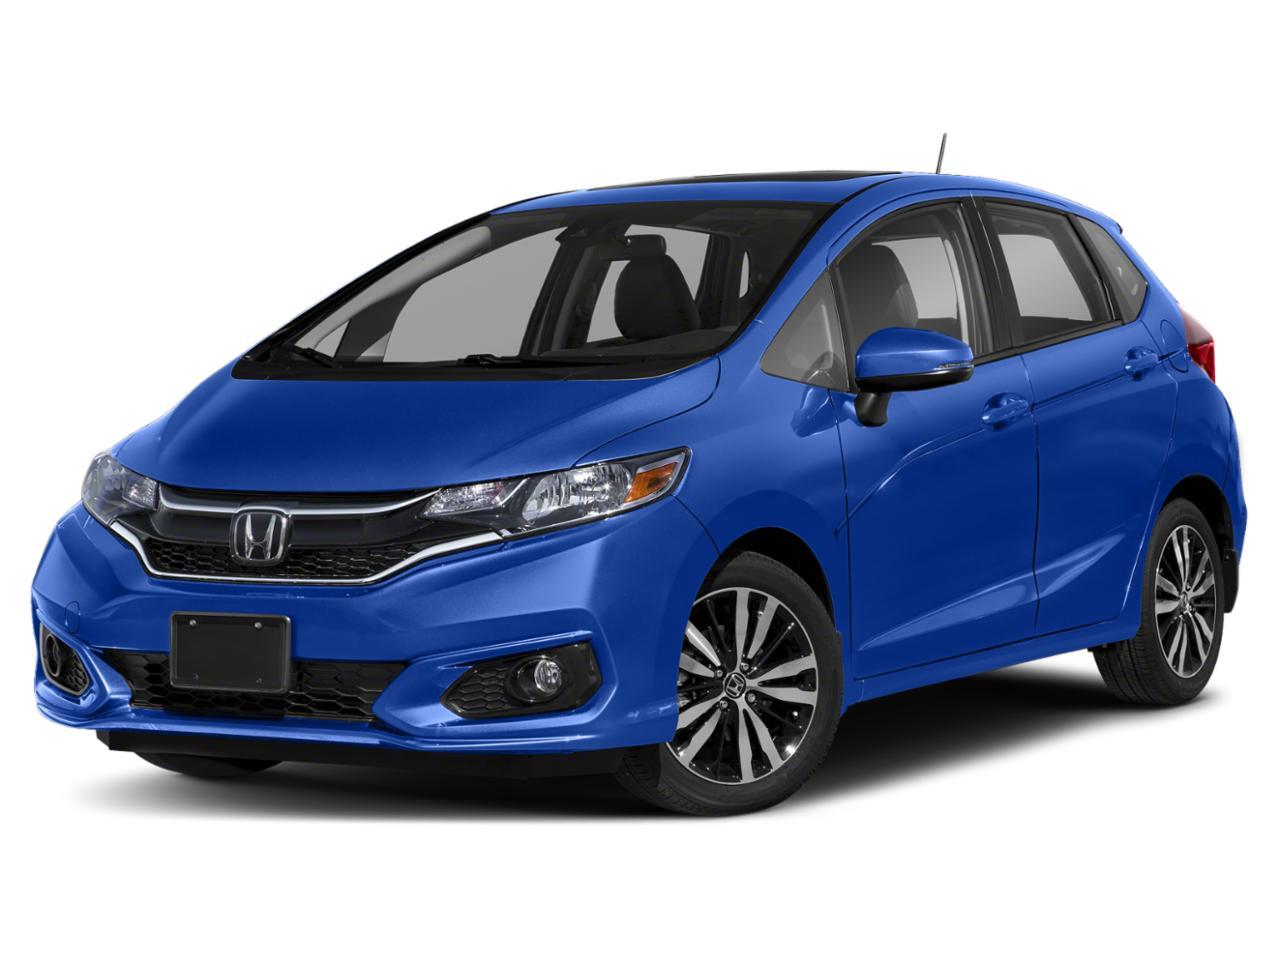 2019 Honda Fit Vehicle Photo in Oklahoma City, OK 73131